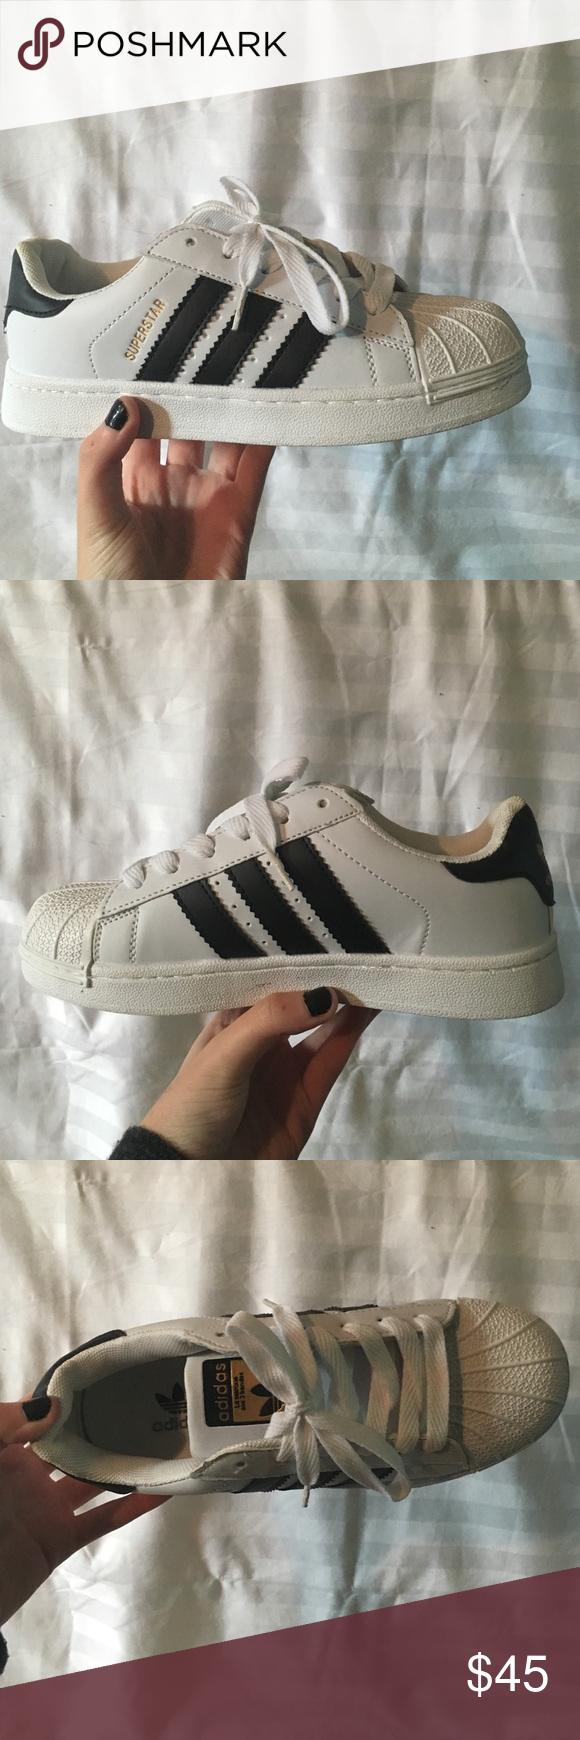 faux white adidas superstar originali scarpe bianche con nero